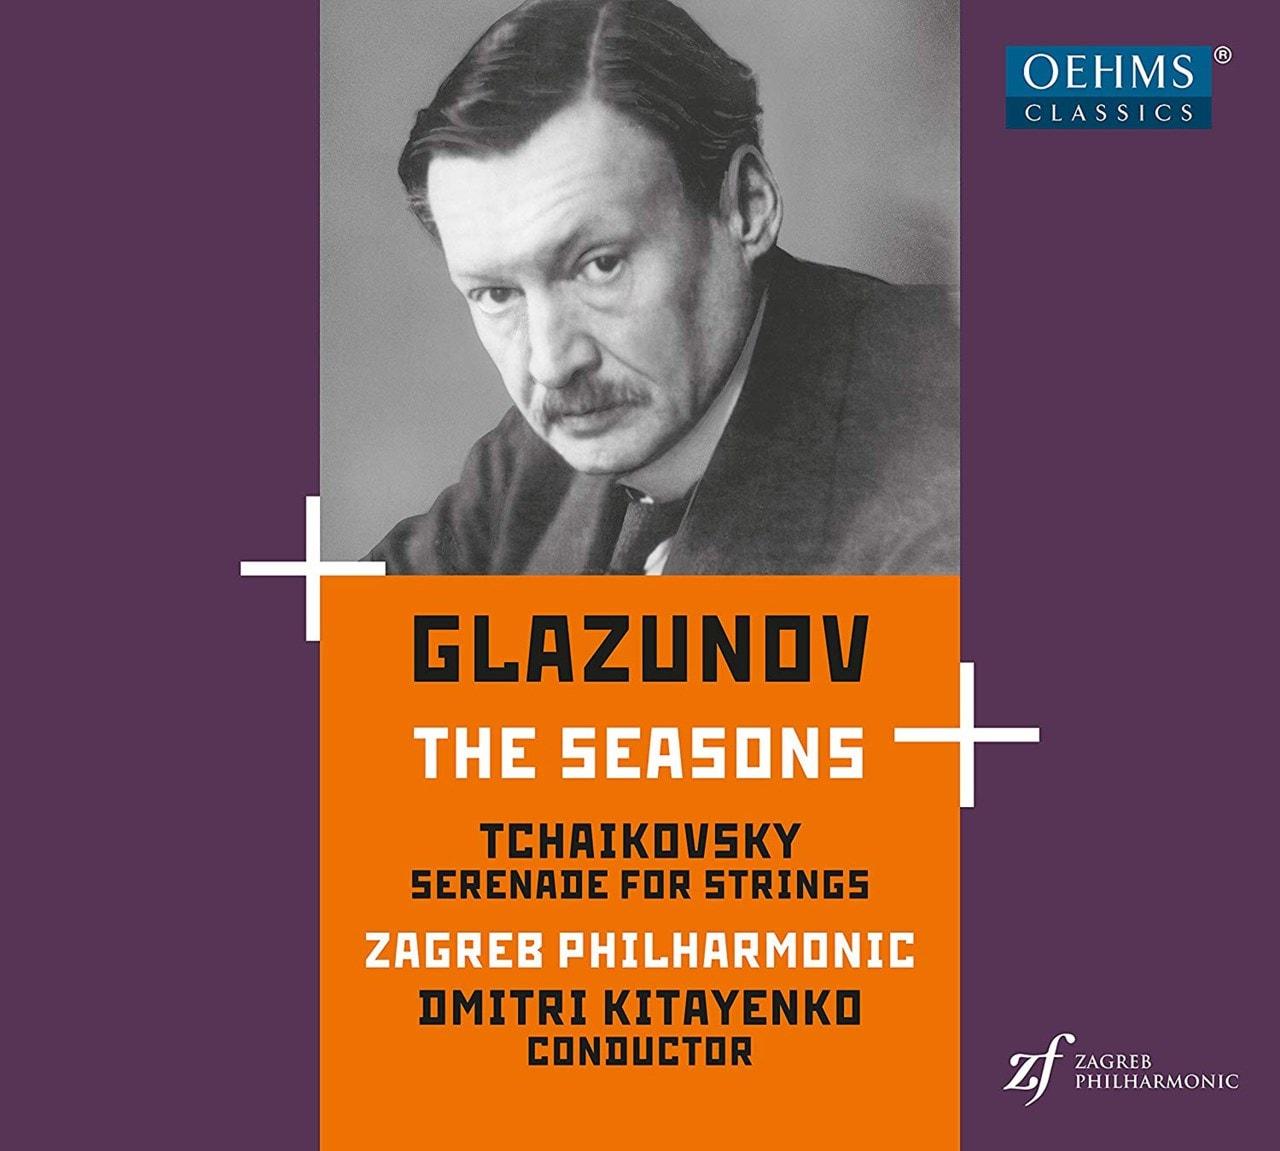 Glazunov: The Seasons/Tchaikovsky: Serenade for Strings - 1